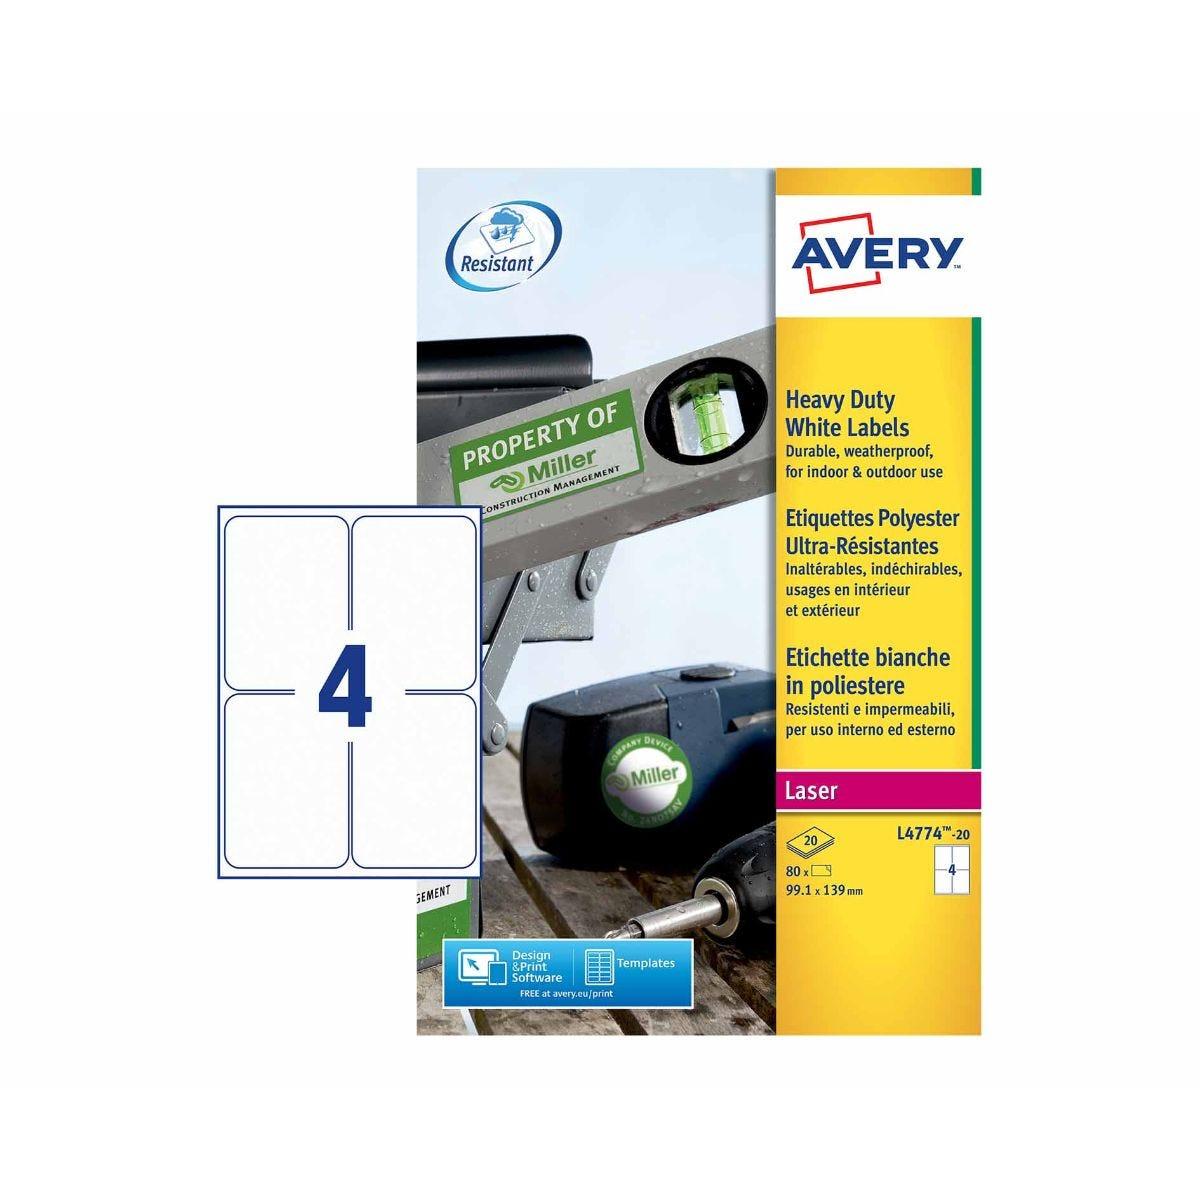 Avery Heavy Duty White Laser 80 Labels 99 1 x 139 mm